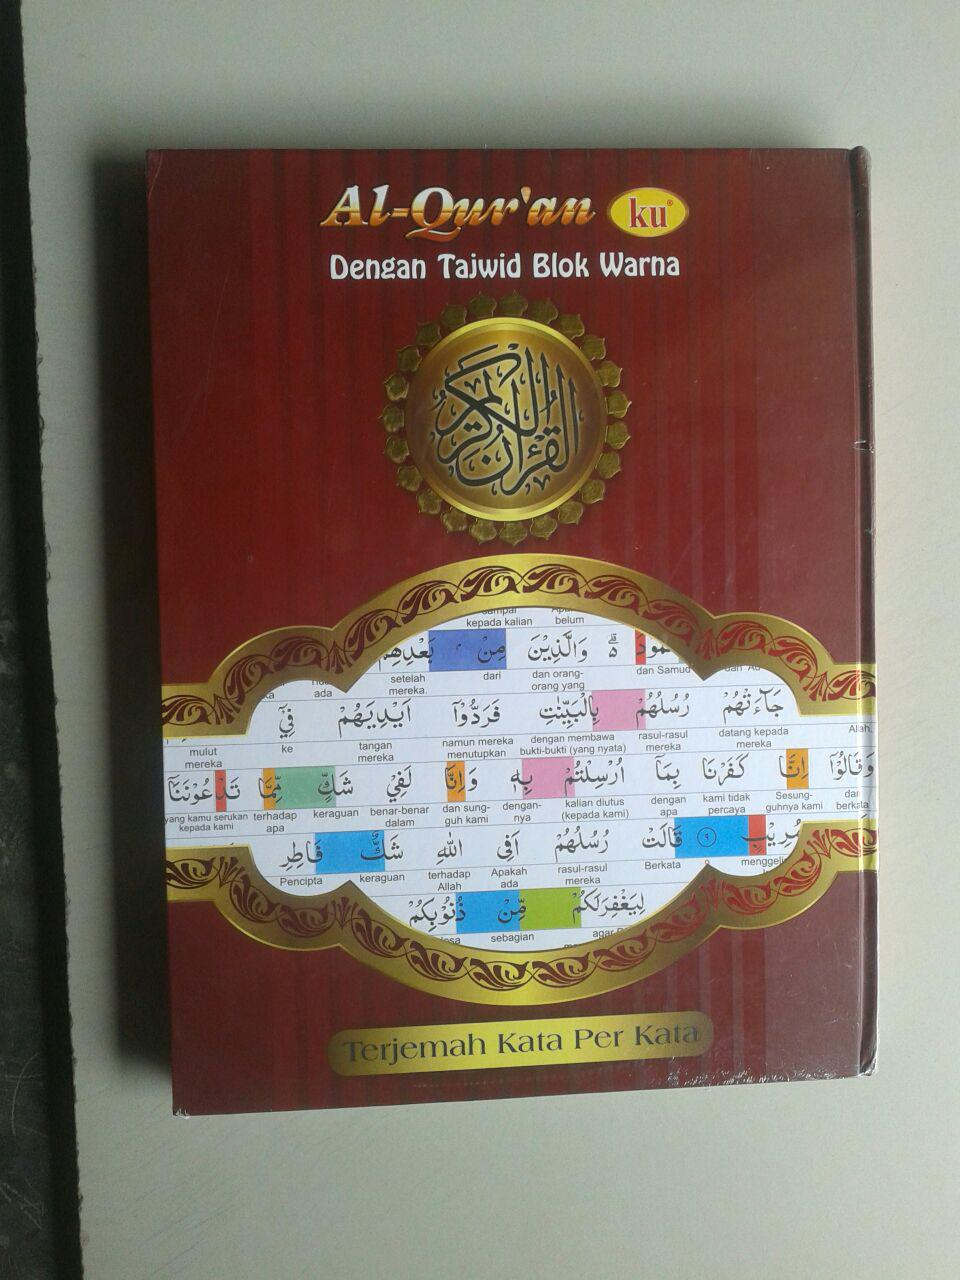 Alquran Terjemah Kata Per Kata (Dengan Tajwid Blog Warna) cover